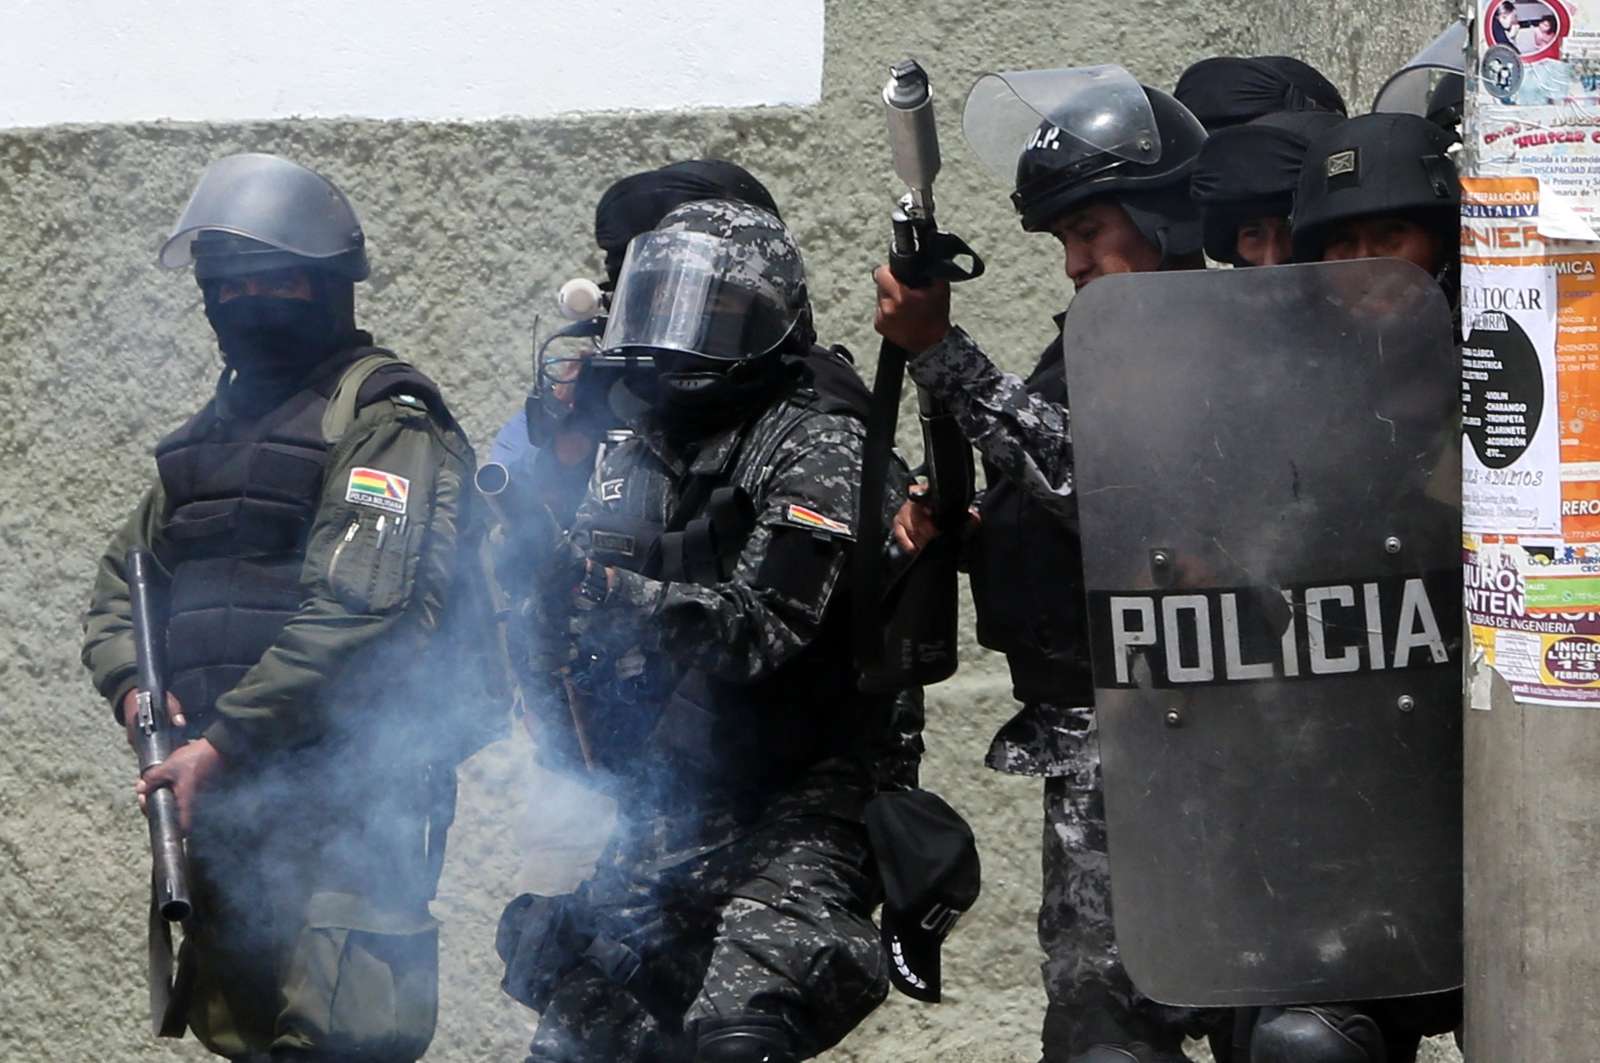 Boliwijscy policjanci w starciu z cocaleros w czasie zamieszek.